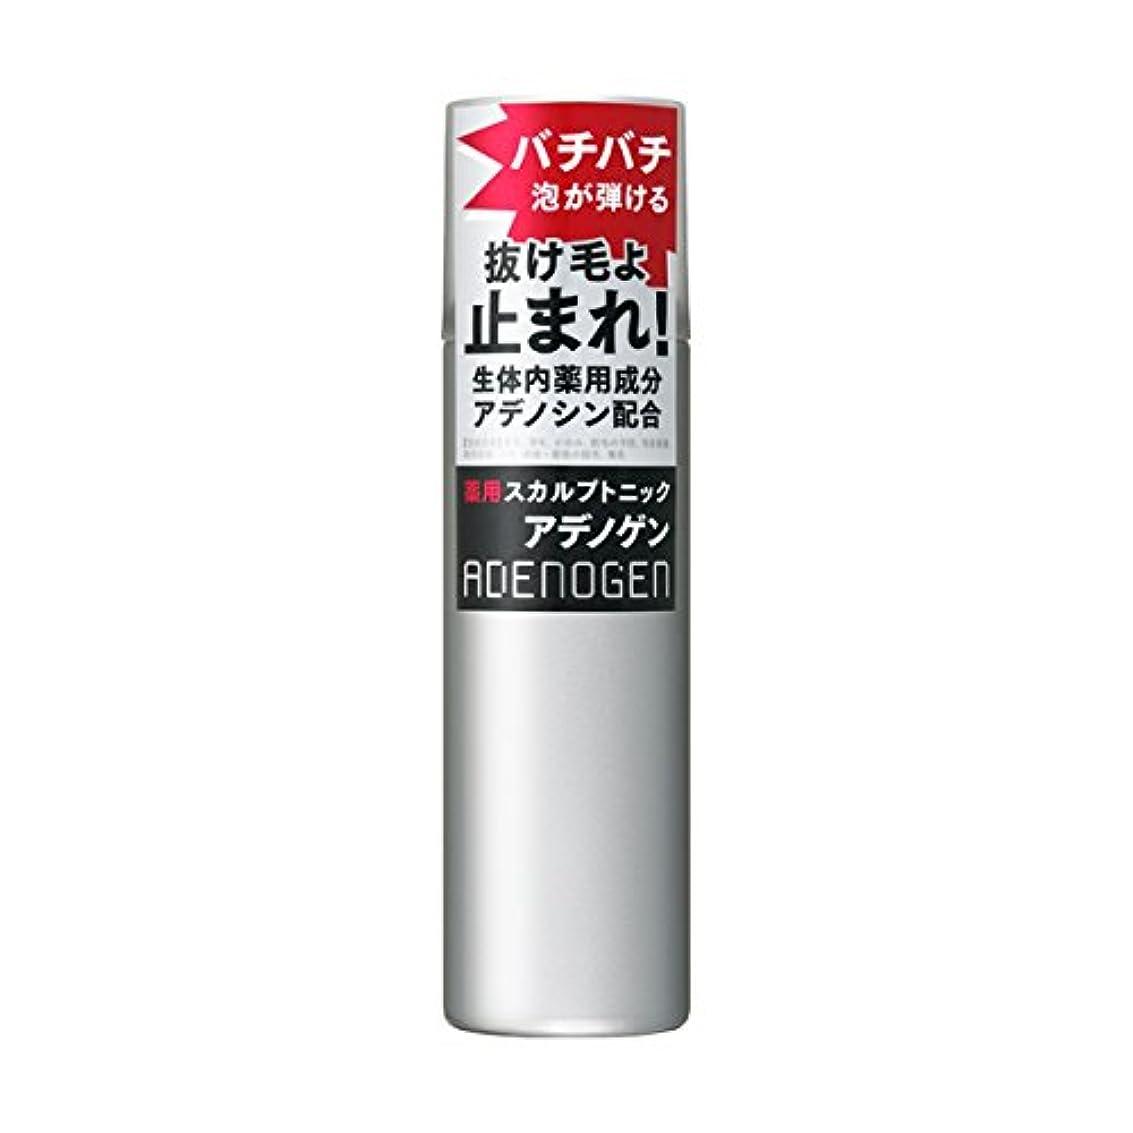 エコー予防接種故障中アデノゲン 薬用スカルプトニック 130g 【医薬部外品】